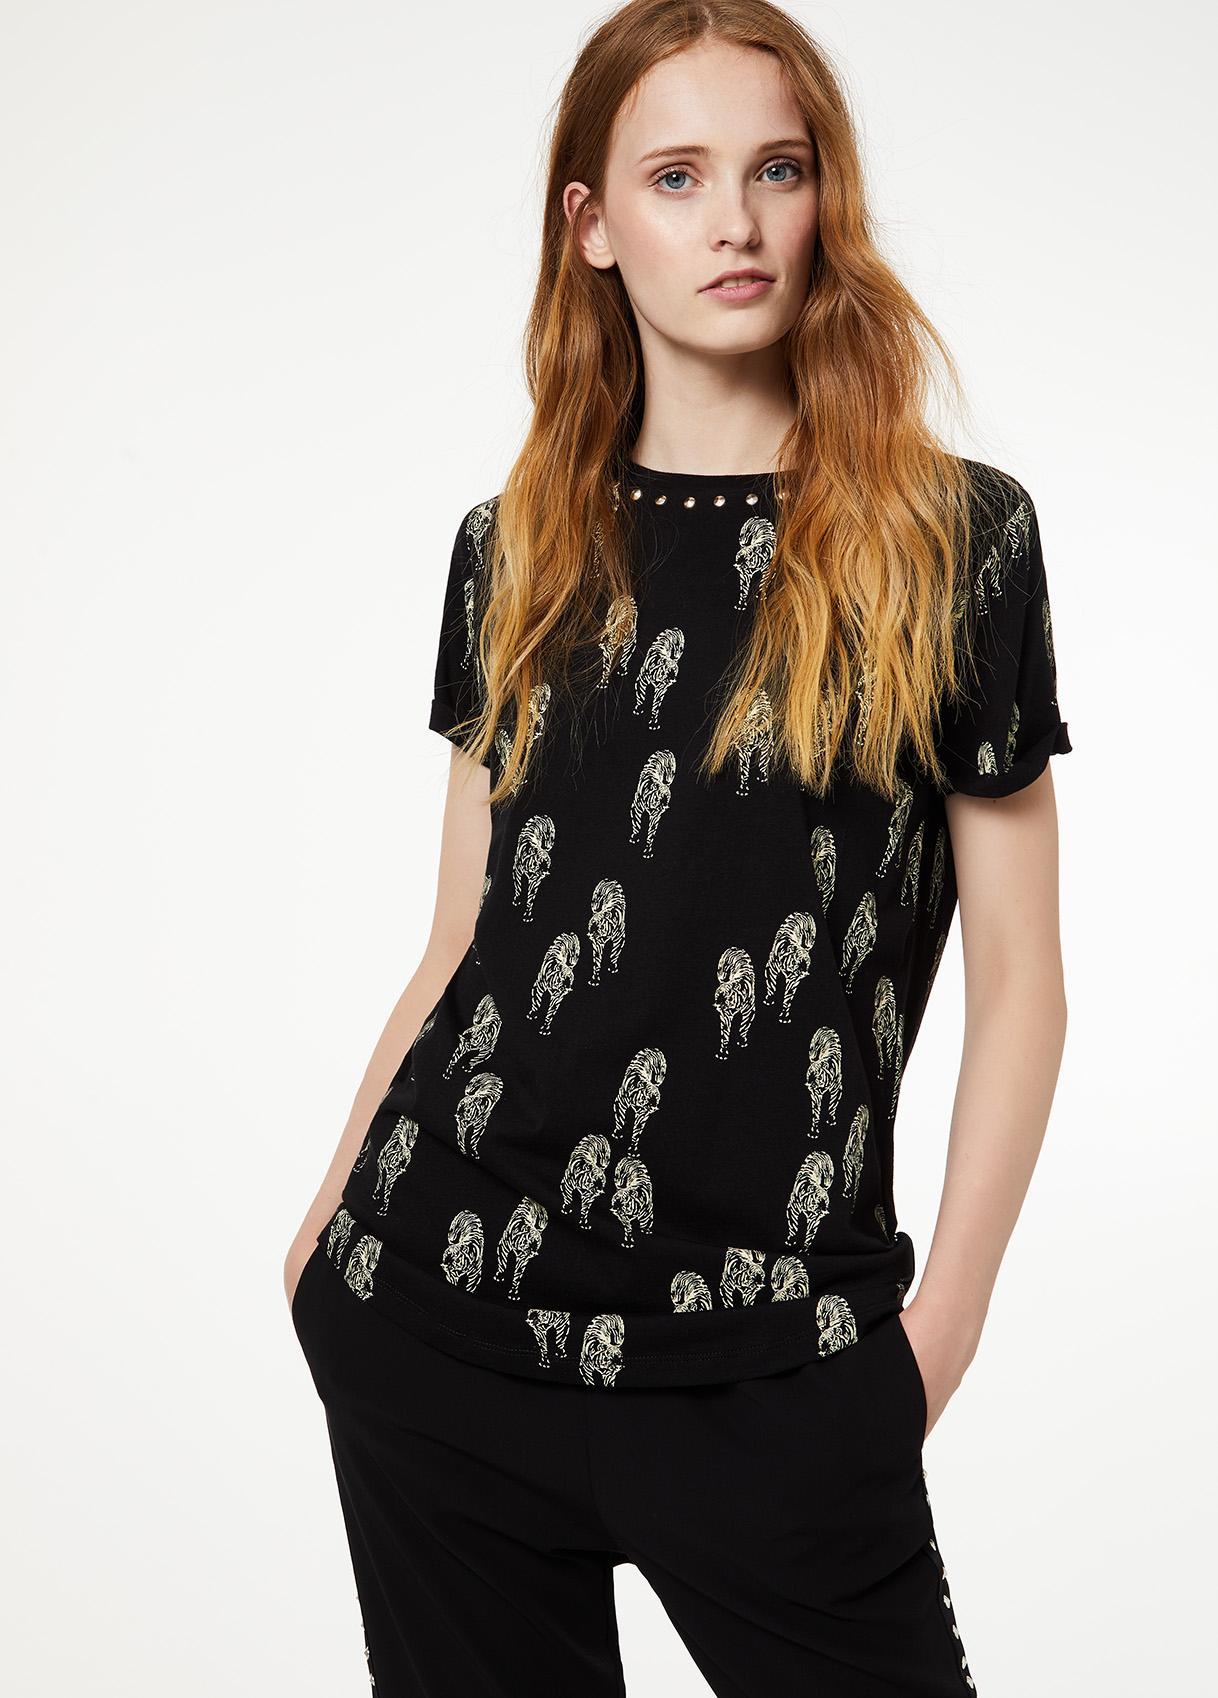 Liujo-T-shirt-Top-undefined-W69379J9125U9327-I-AF-N-R-01-N